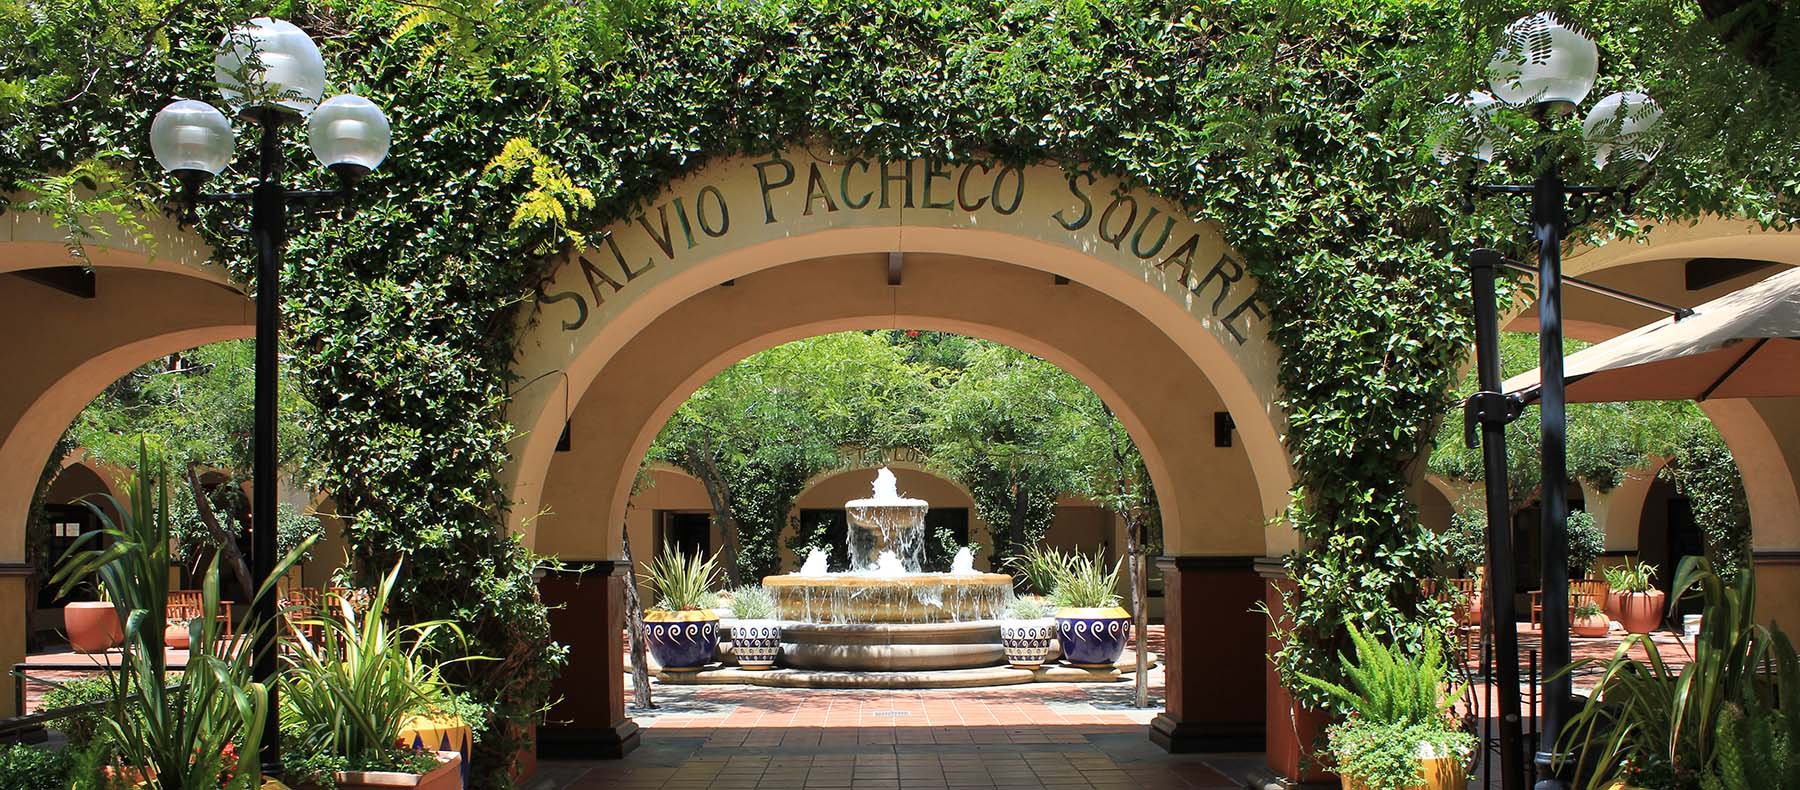 Salvio Pacheco Square